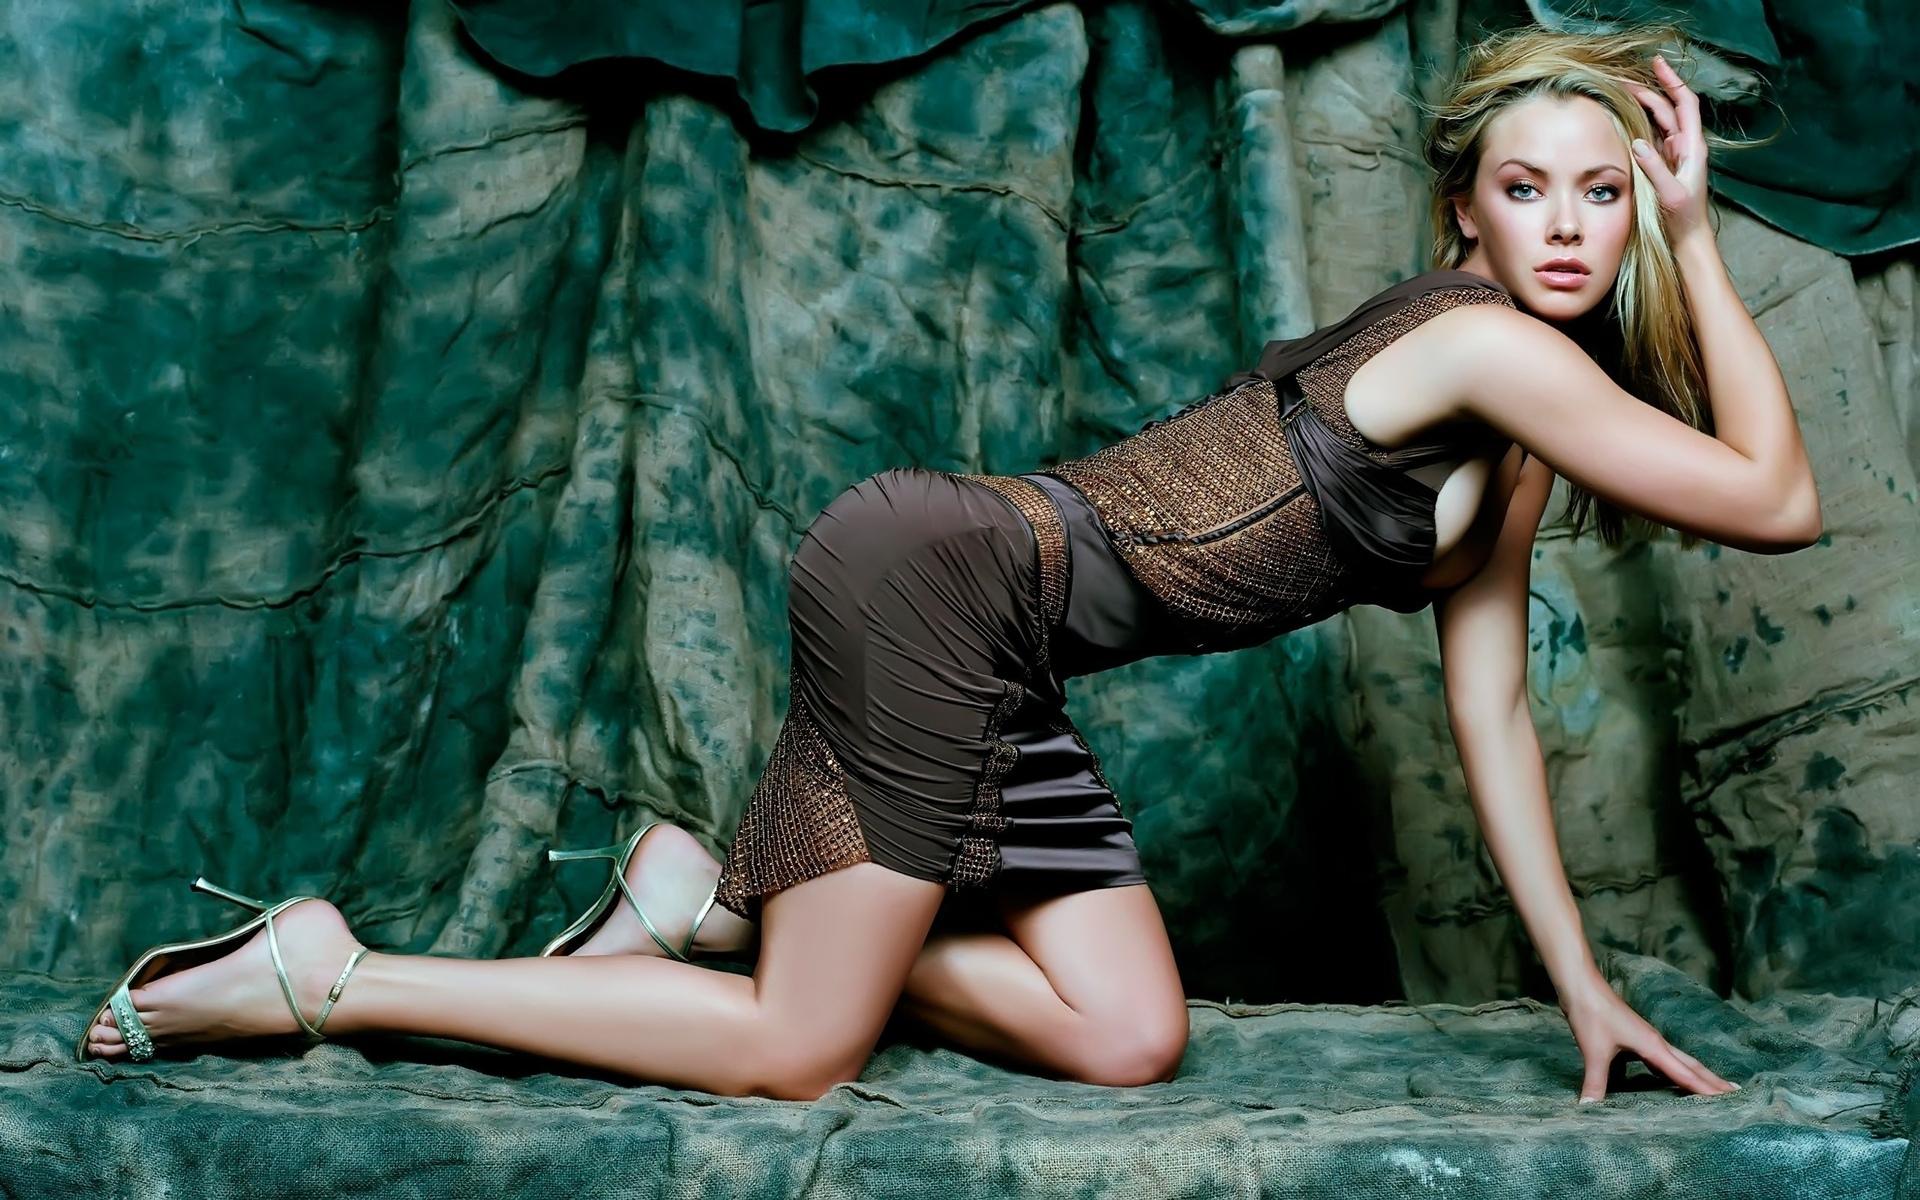 Смотреть бесплатно всё порно фотографии футанари с актрисой кристанной локен 17 фотография